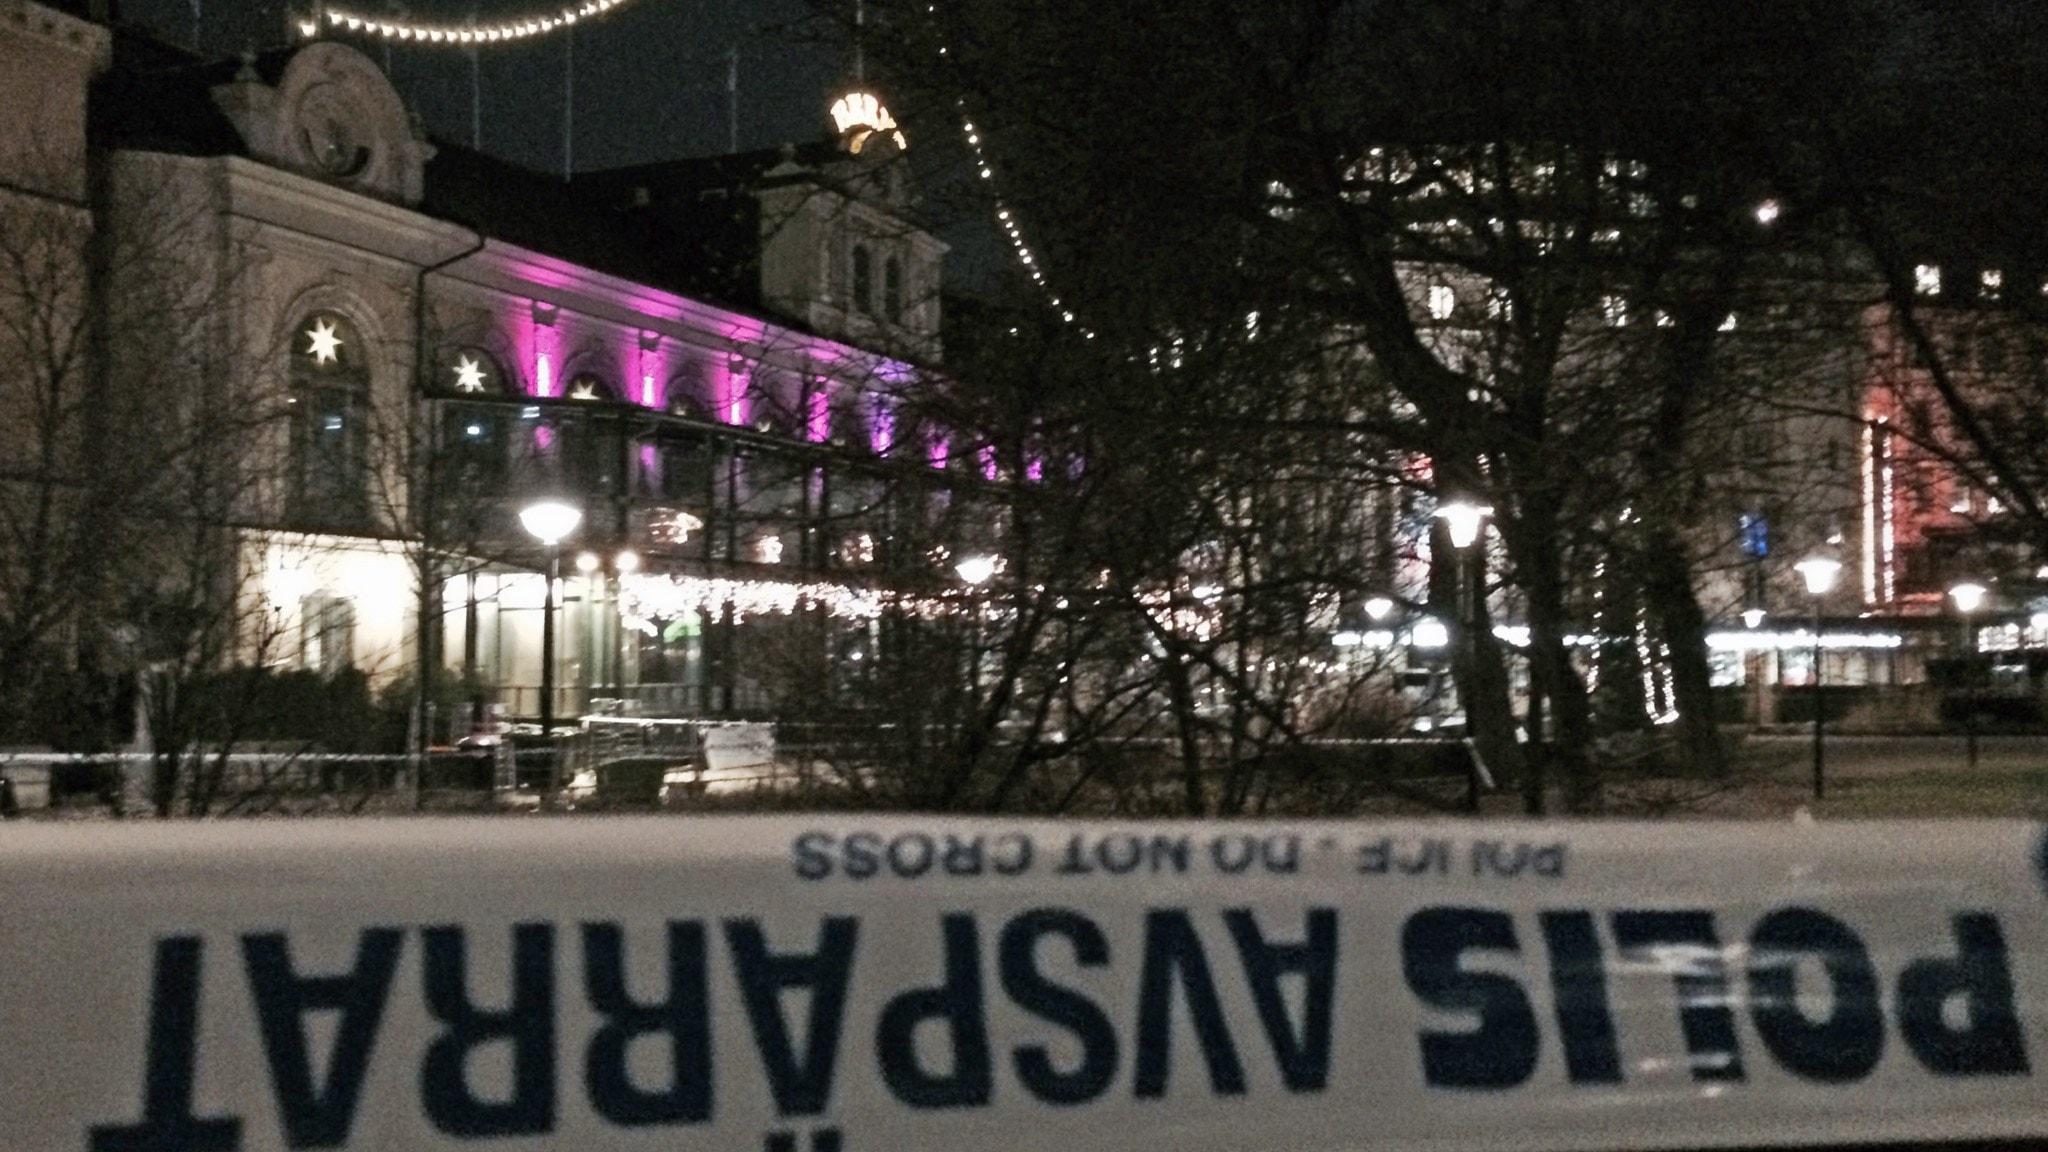 Explosion pa nattklubb i centrala stockholm